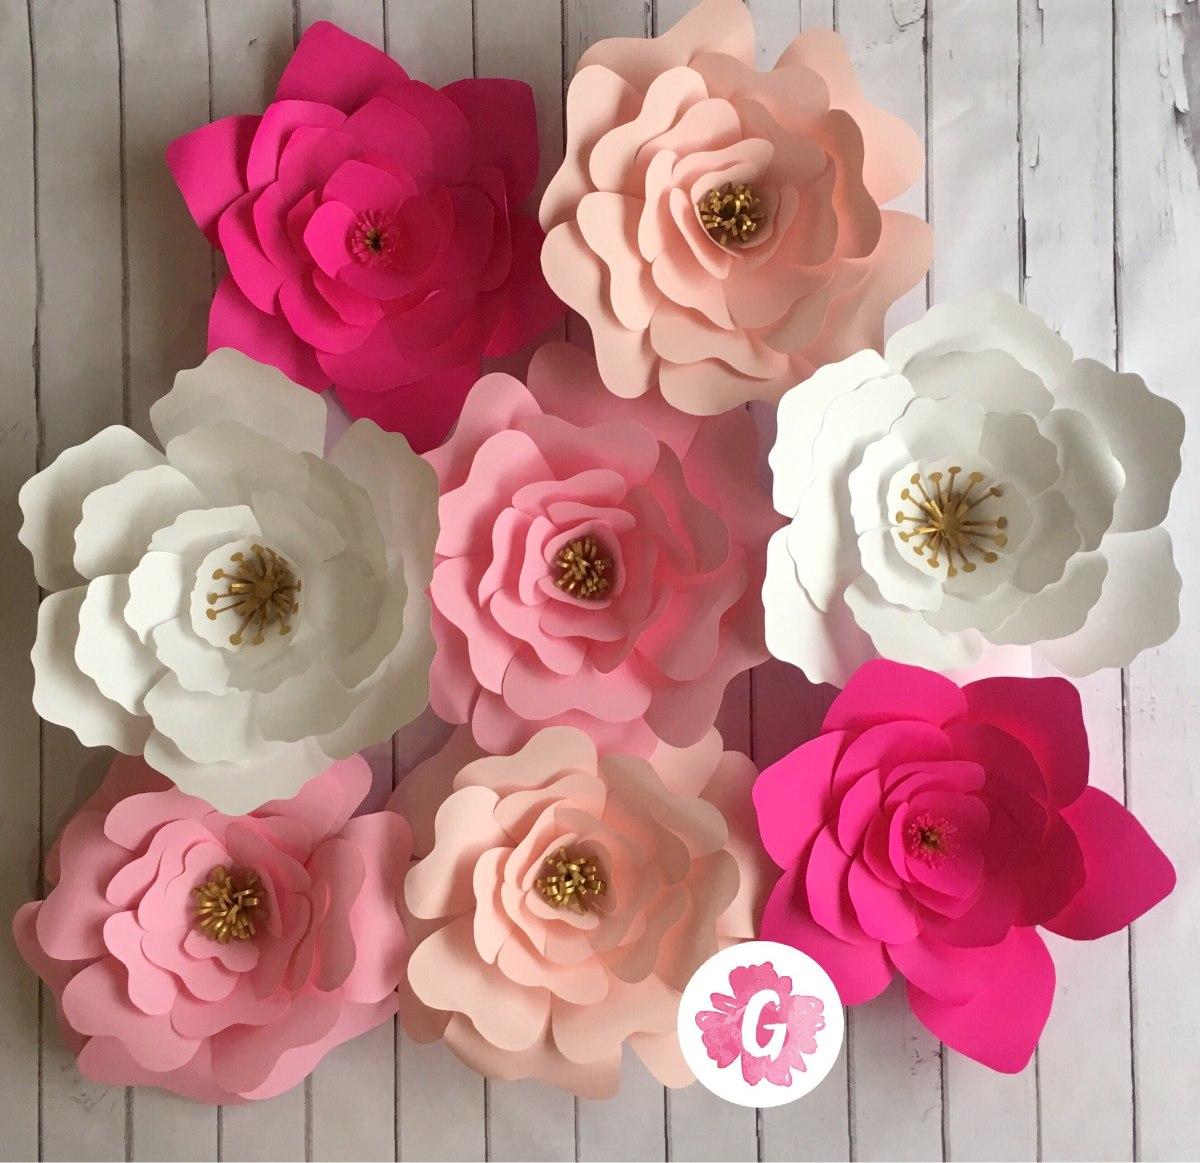 flores gigantes decoracin eventos casamientos y cm